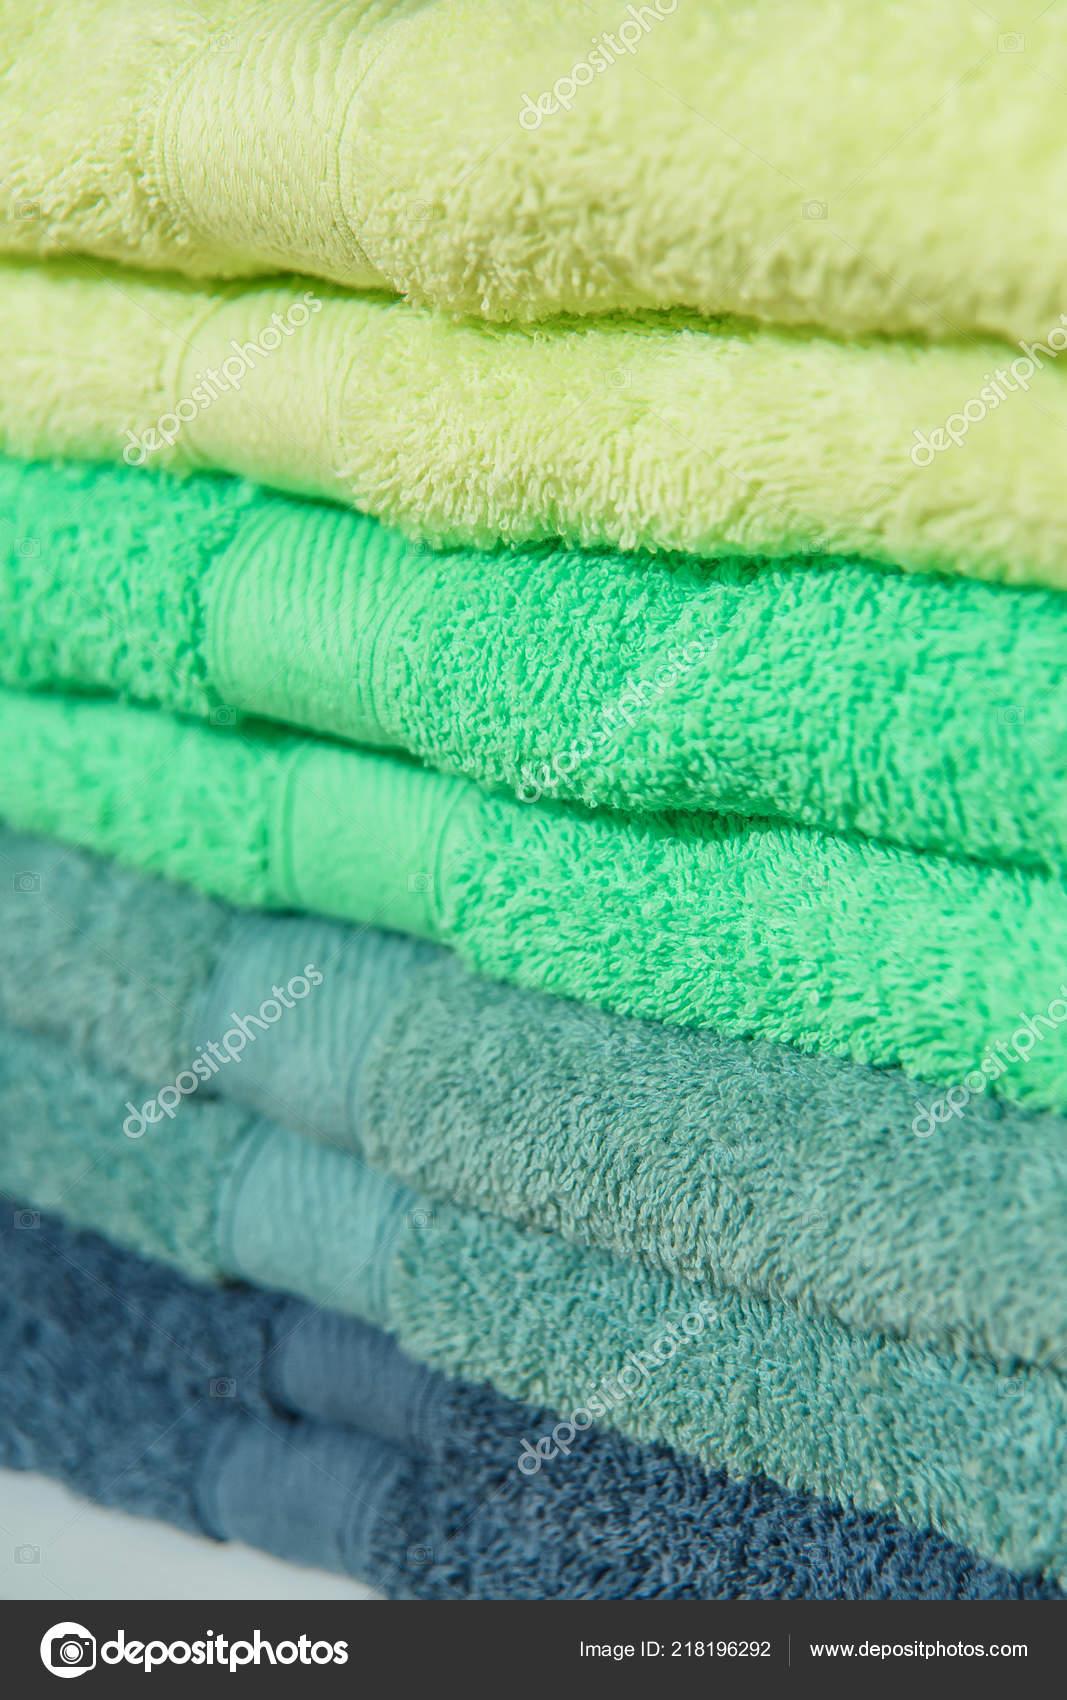 Toallas Felpa Color Hotel Toallas Secas Suaves Para Baño Textiles — Foto de  Stock d51b1773fc8a